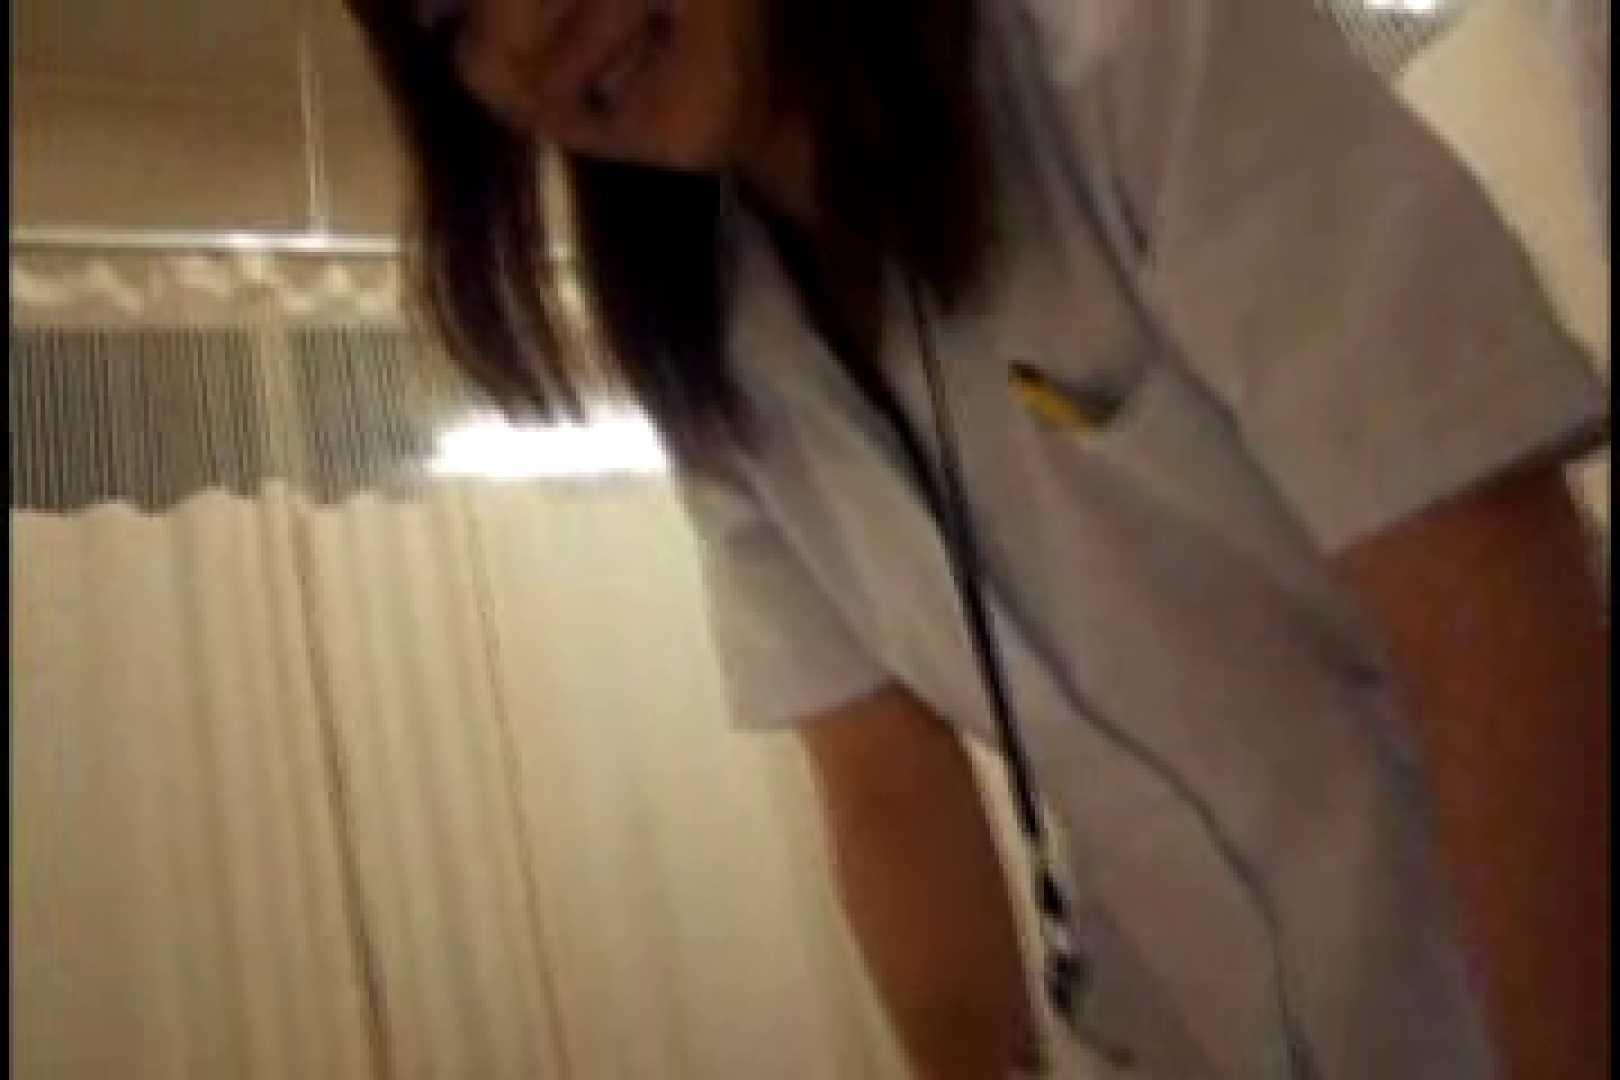 ヤリマンと呼ばれた看護士さんvol1 エッチなOL 濡れ場動画紹介 93pic 50